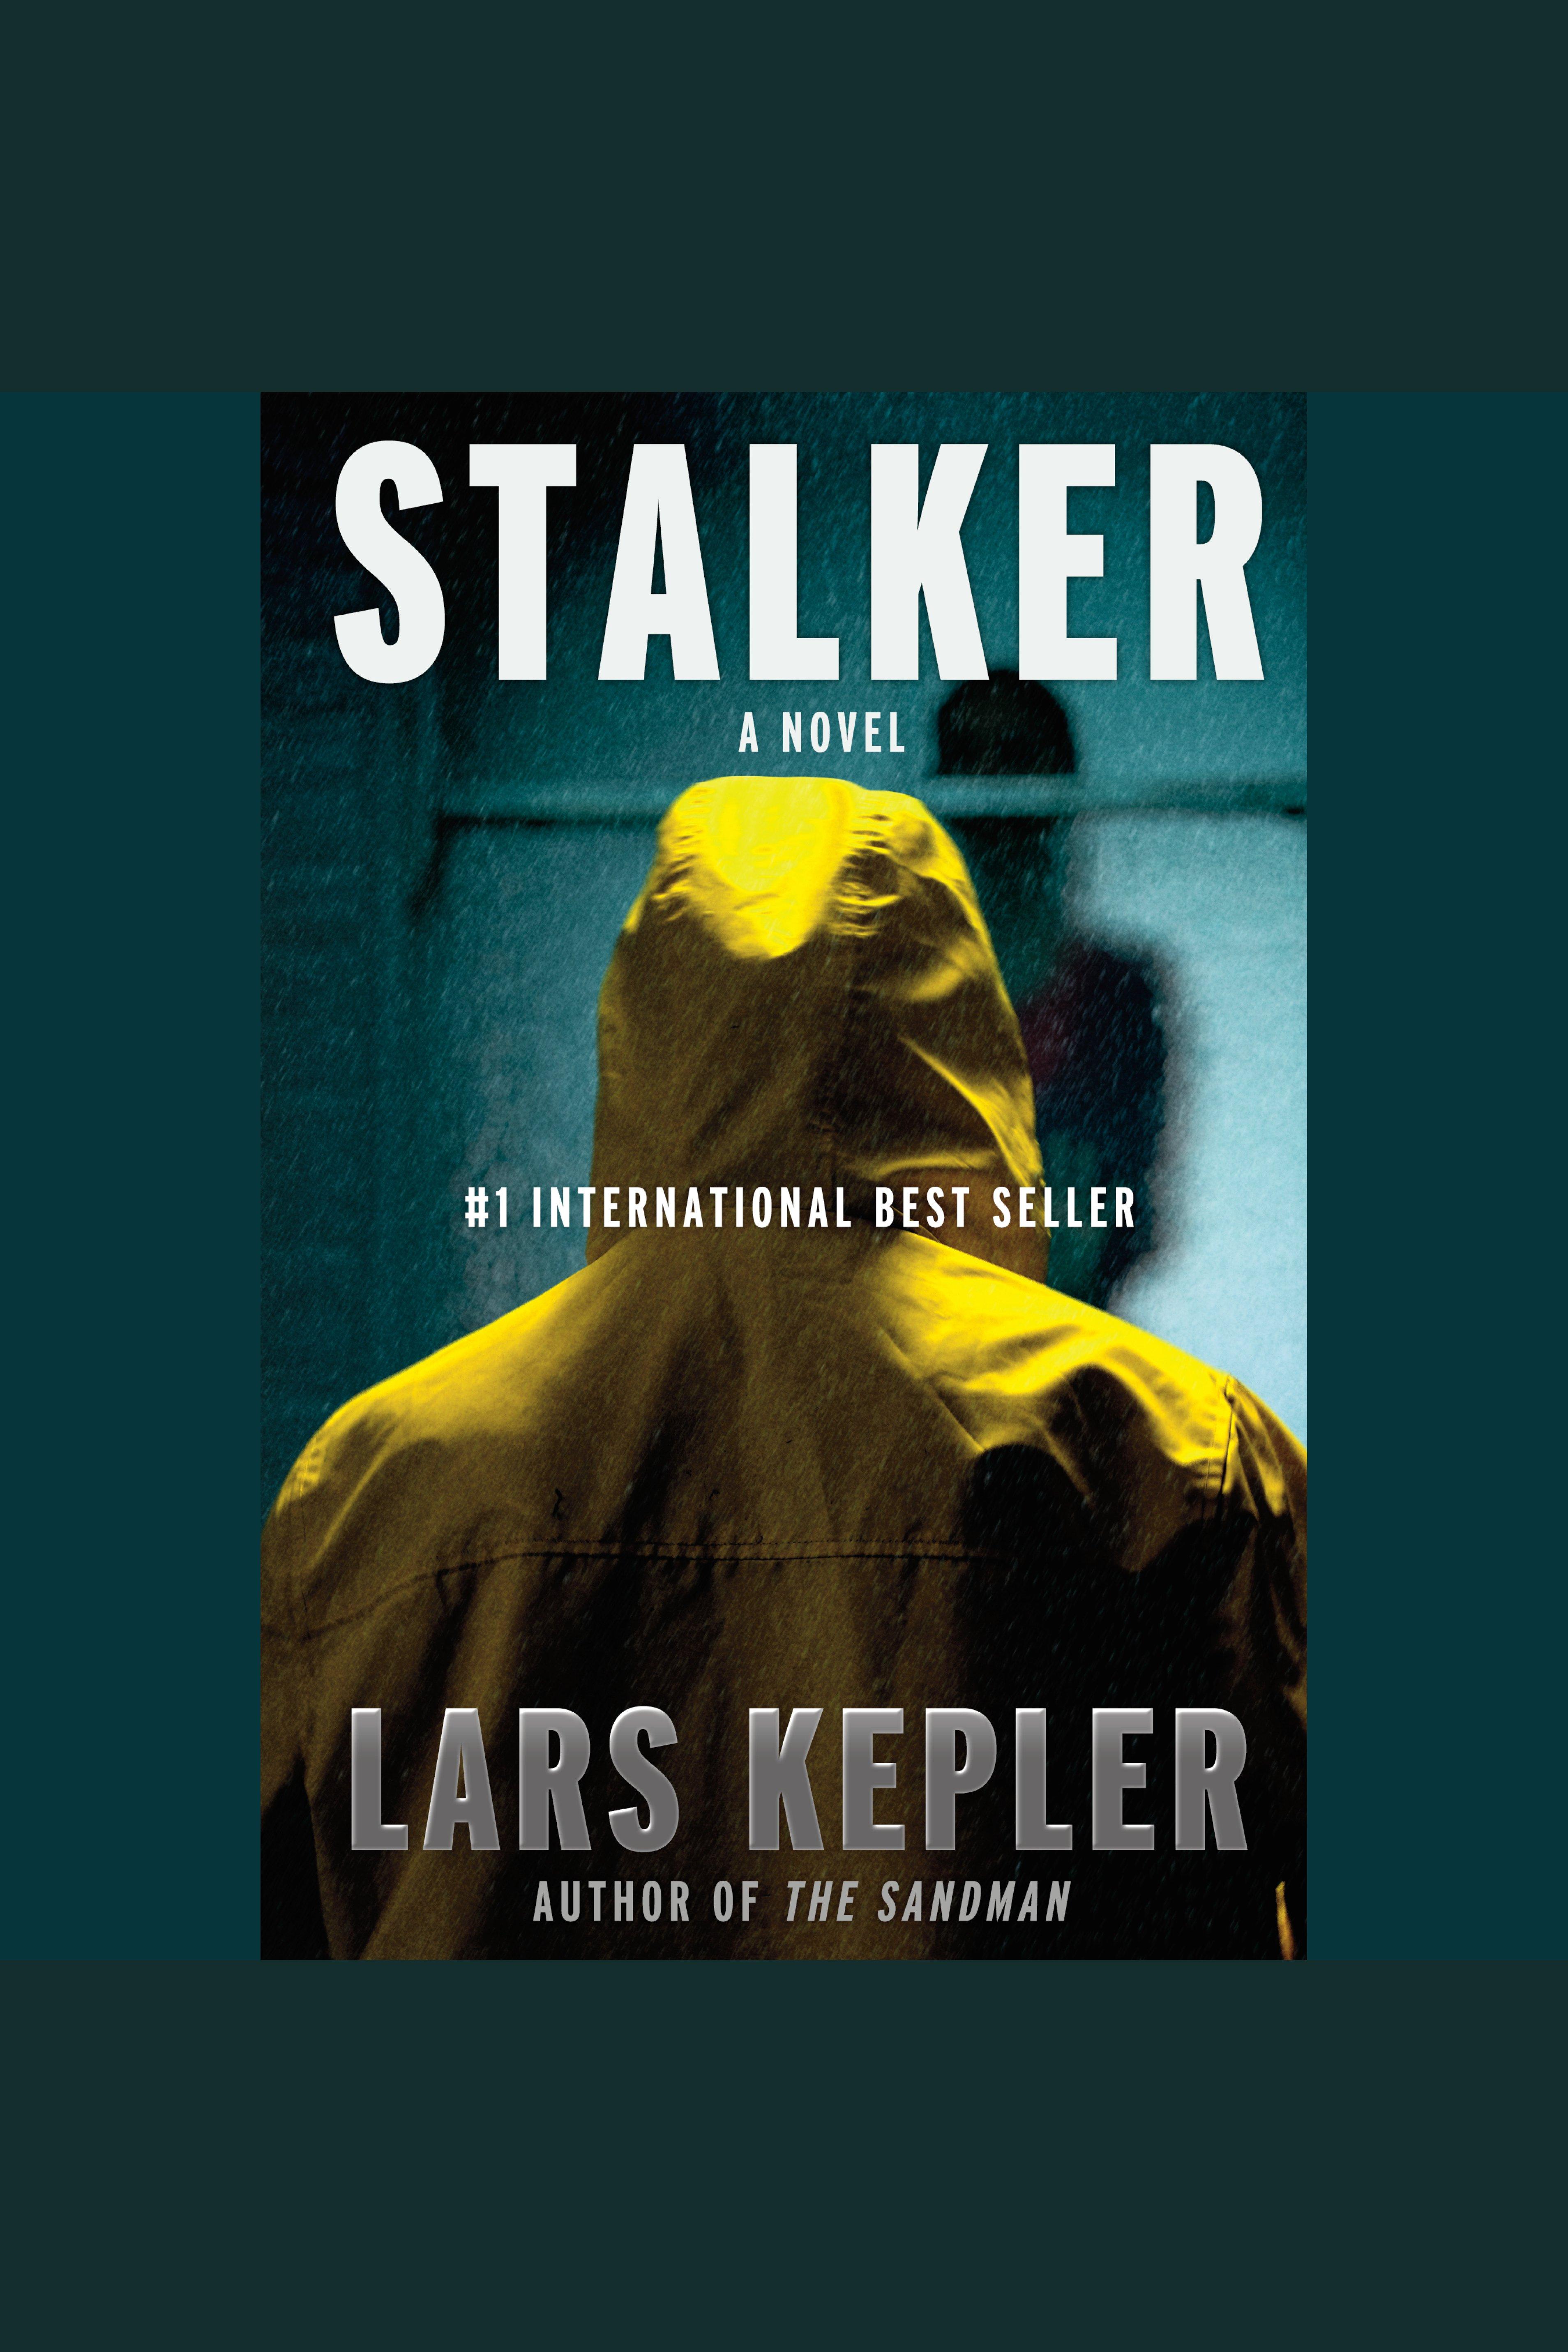 Stalker A novel cover image